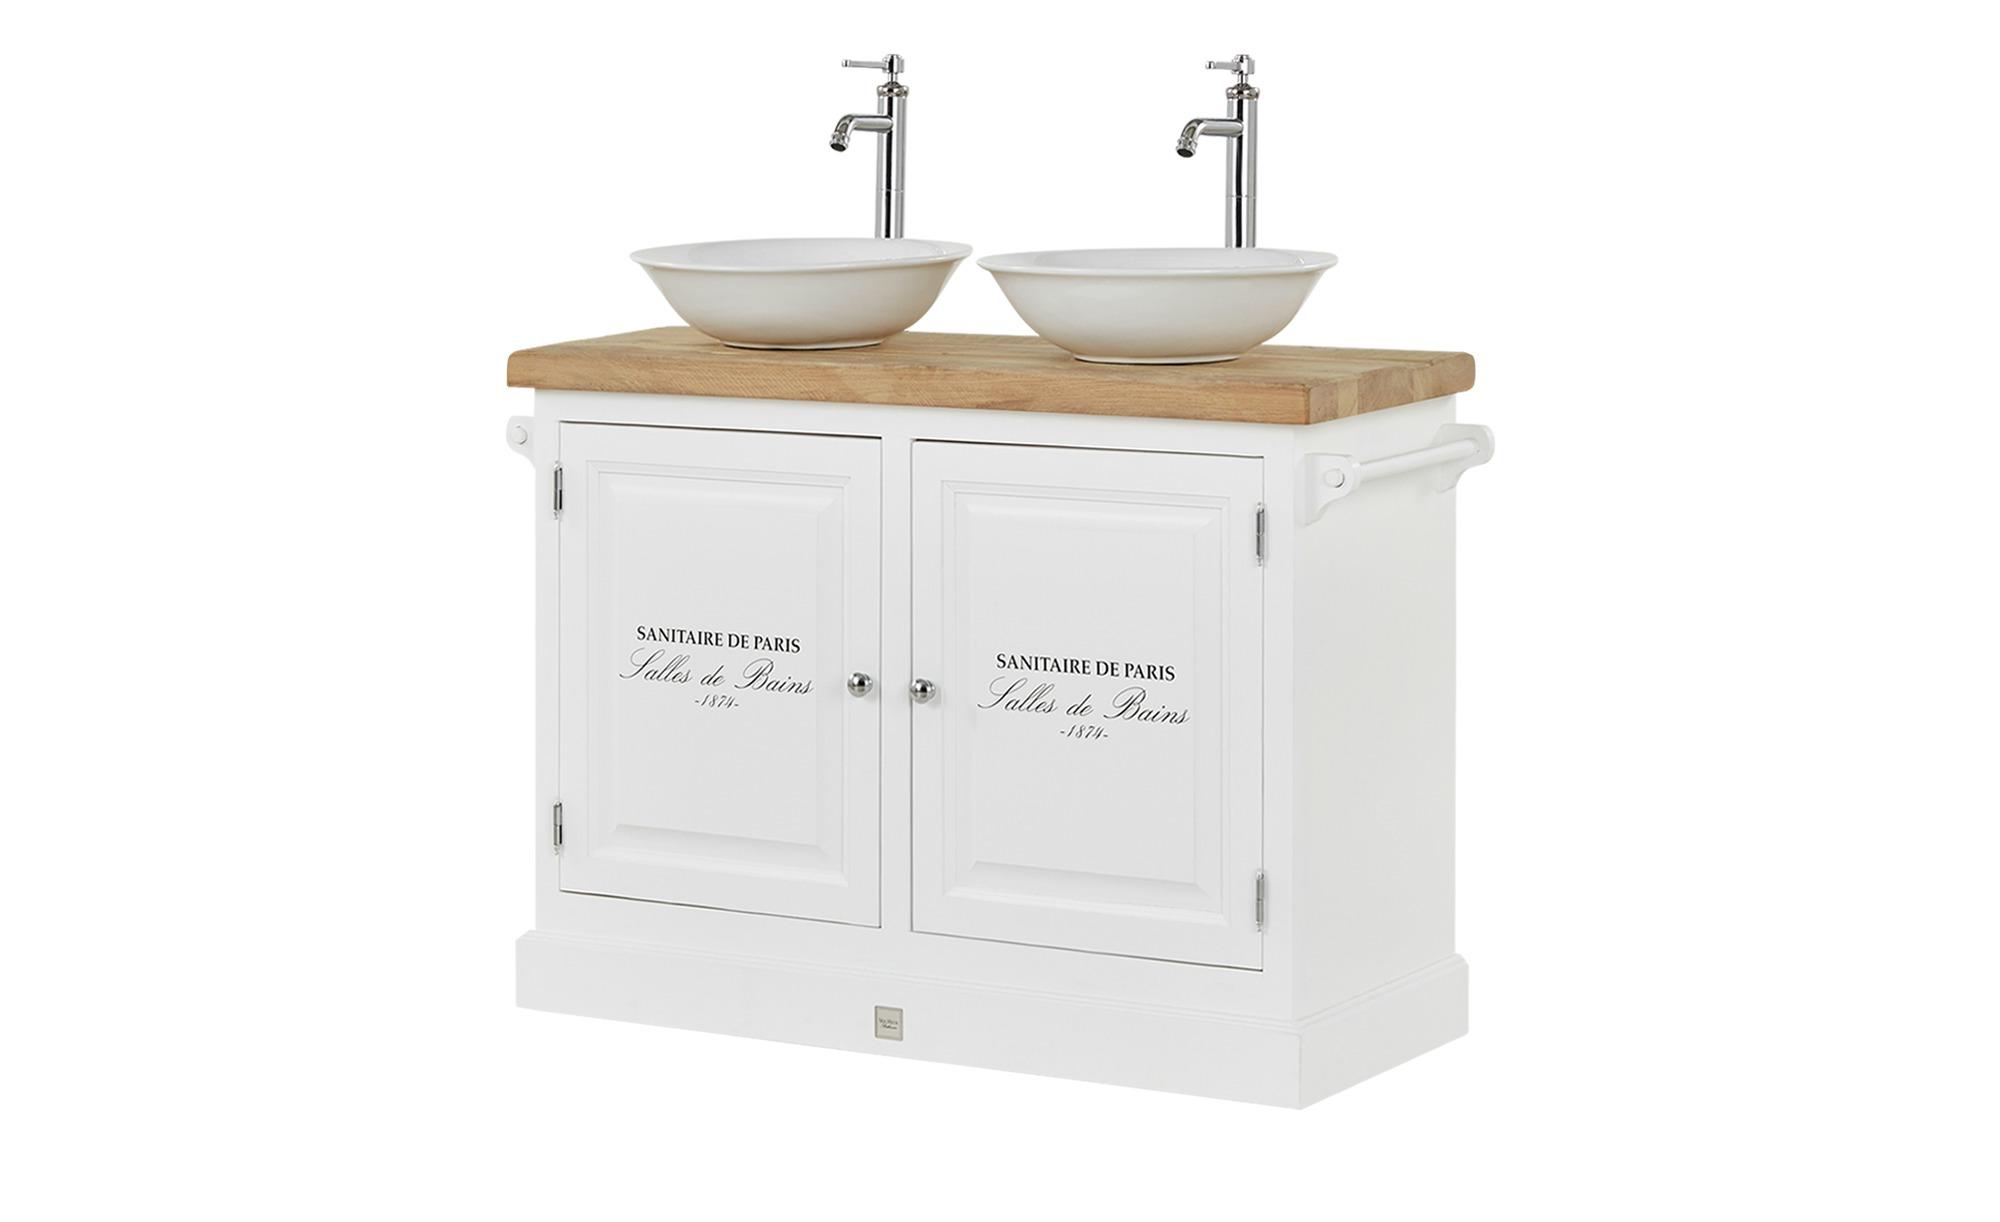 VAN HECK Bad-Doppel-Waschtischkombination Colonialsee ¦ weiß ¦ Maße (cm):  B: 120 H: 96 T: 59 Schränke > Badschränke > Waschbeckenunterschränke ...